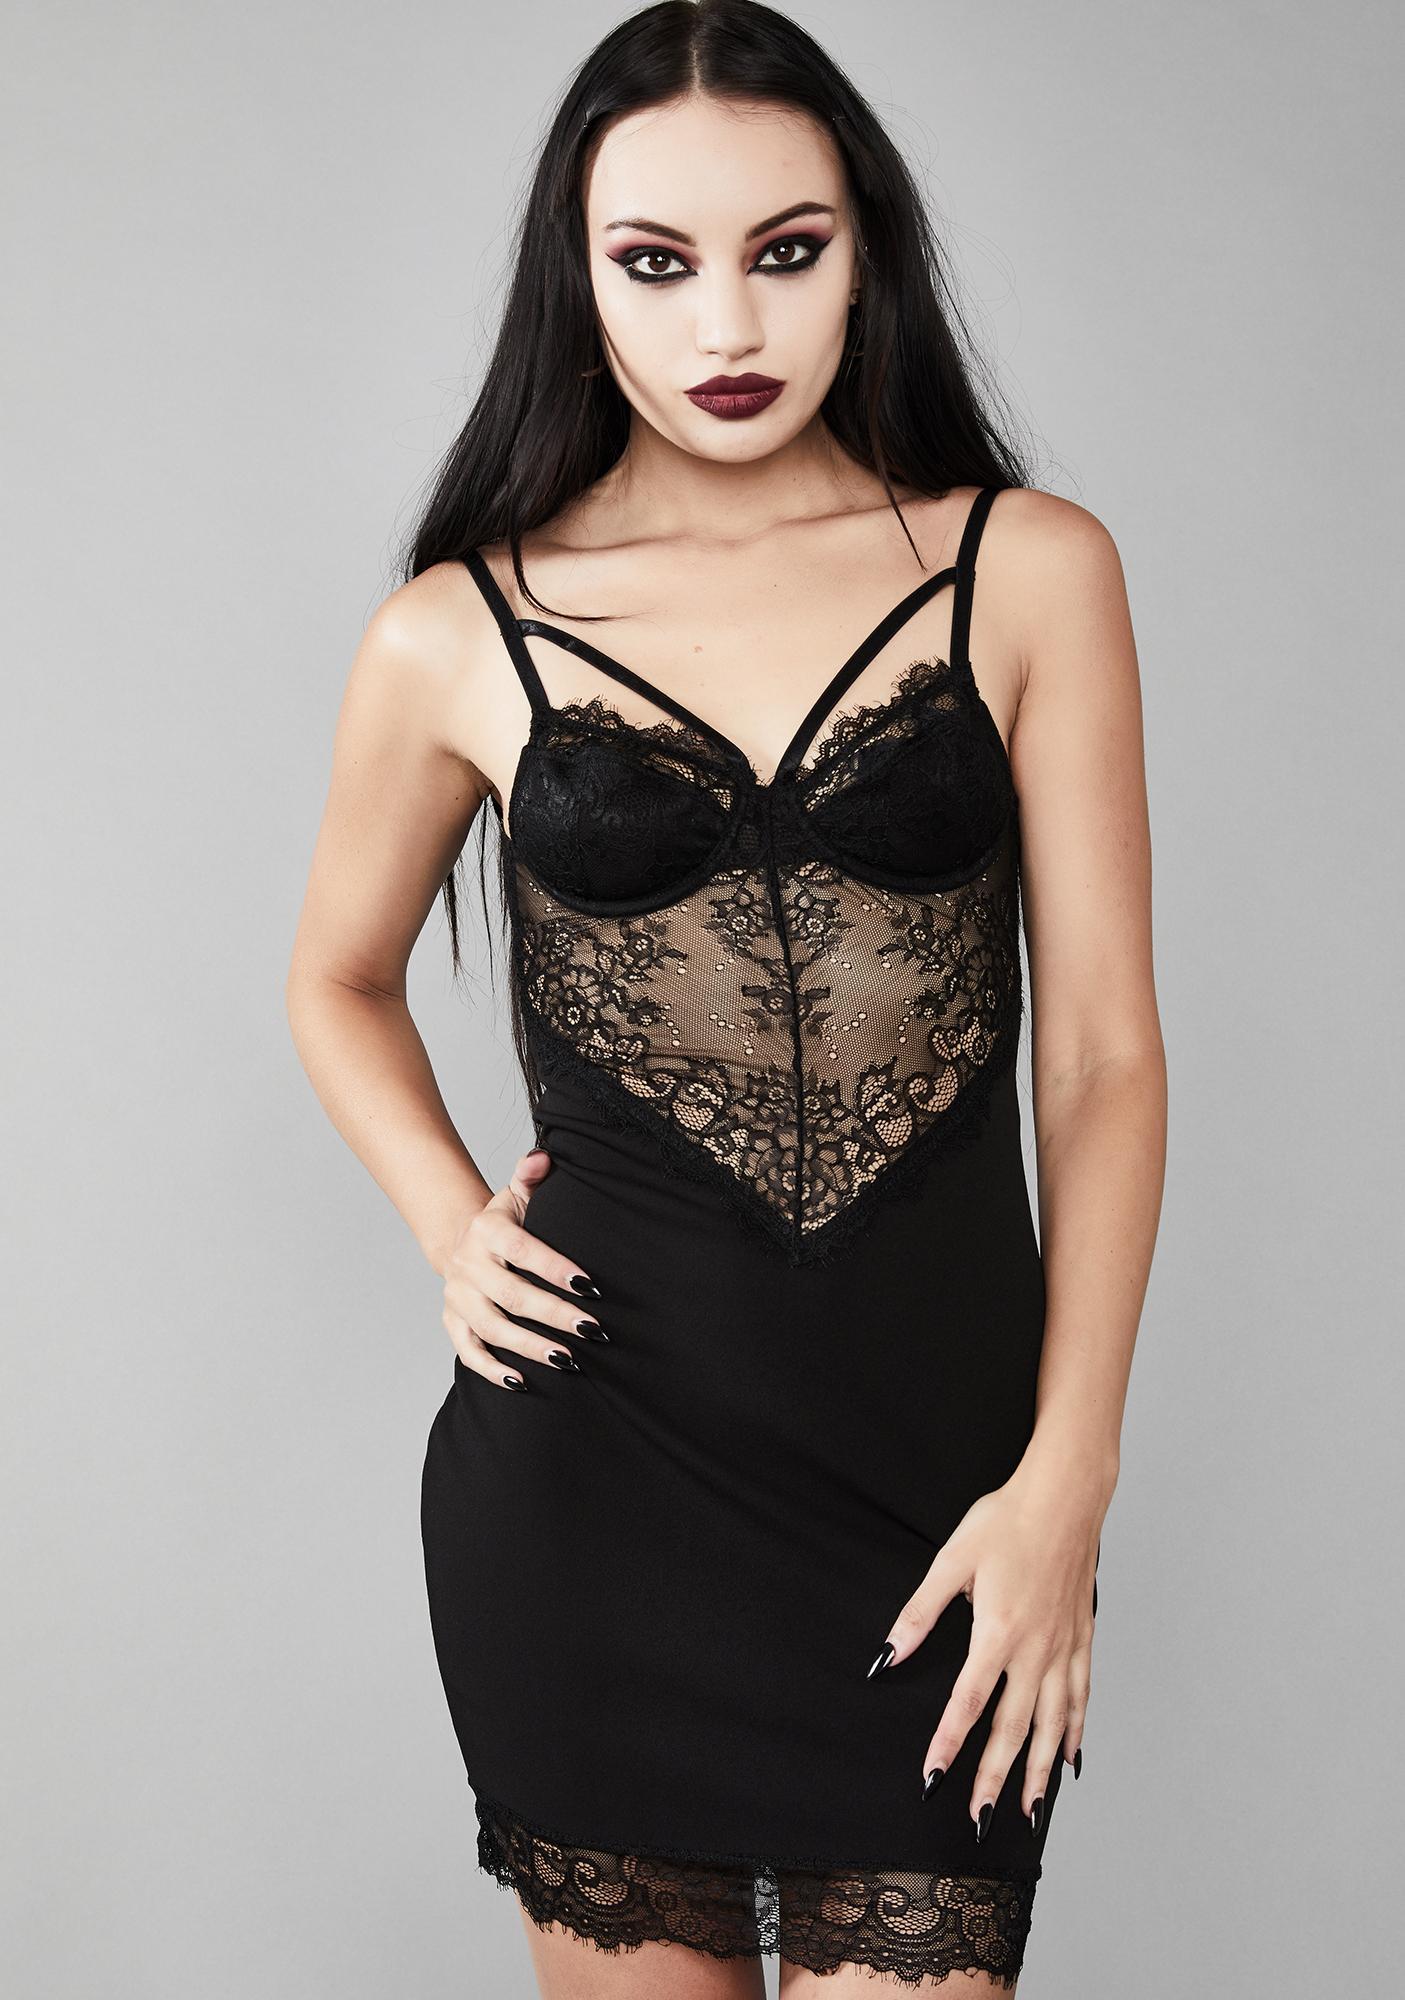 Widow Vexing Vixen Underwire Dress